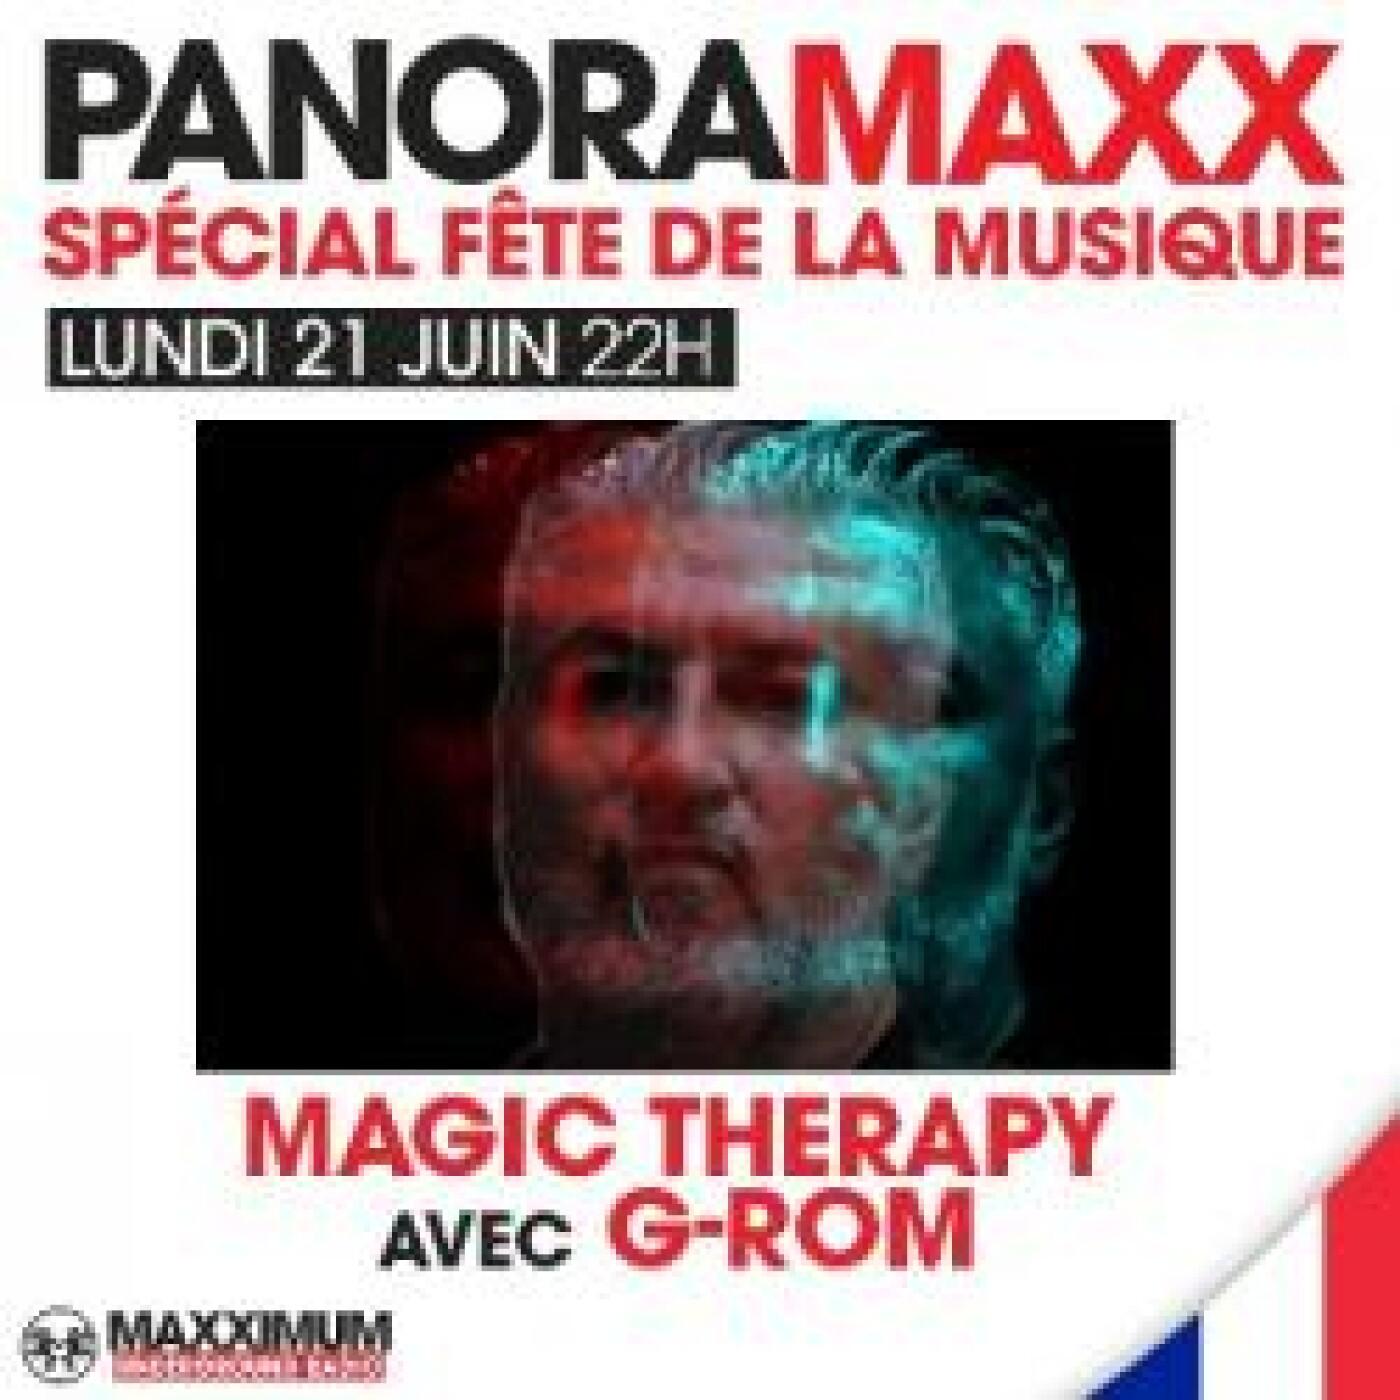 PANORAMAXX : G ROM